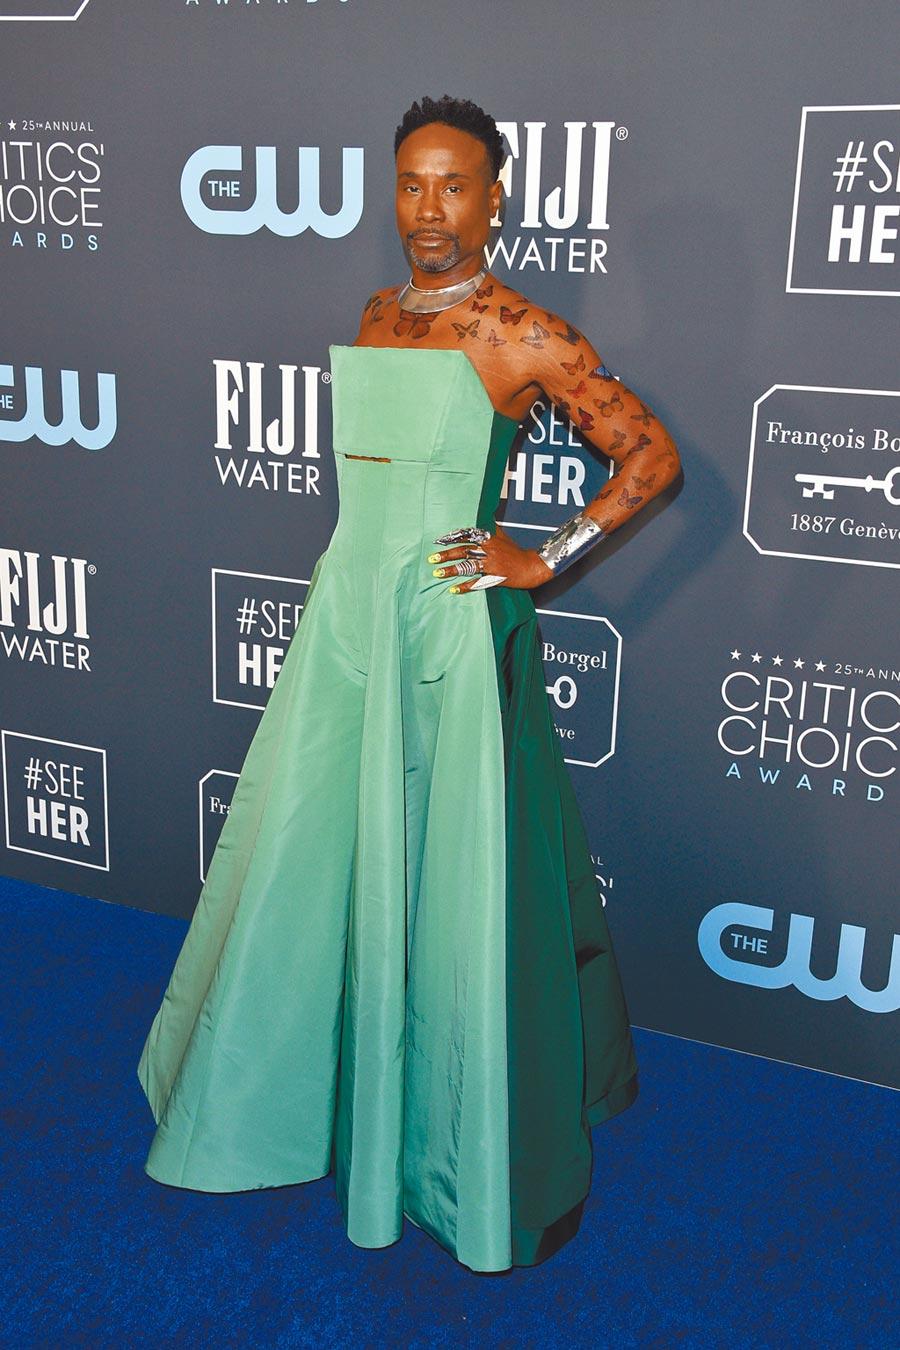 比利波特在廣播影評人協會獎,以露肩禮服展現凶猛野性美。(CFP)